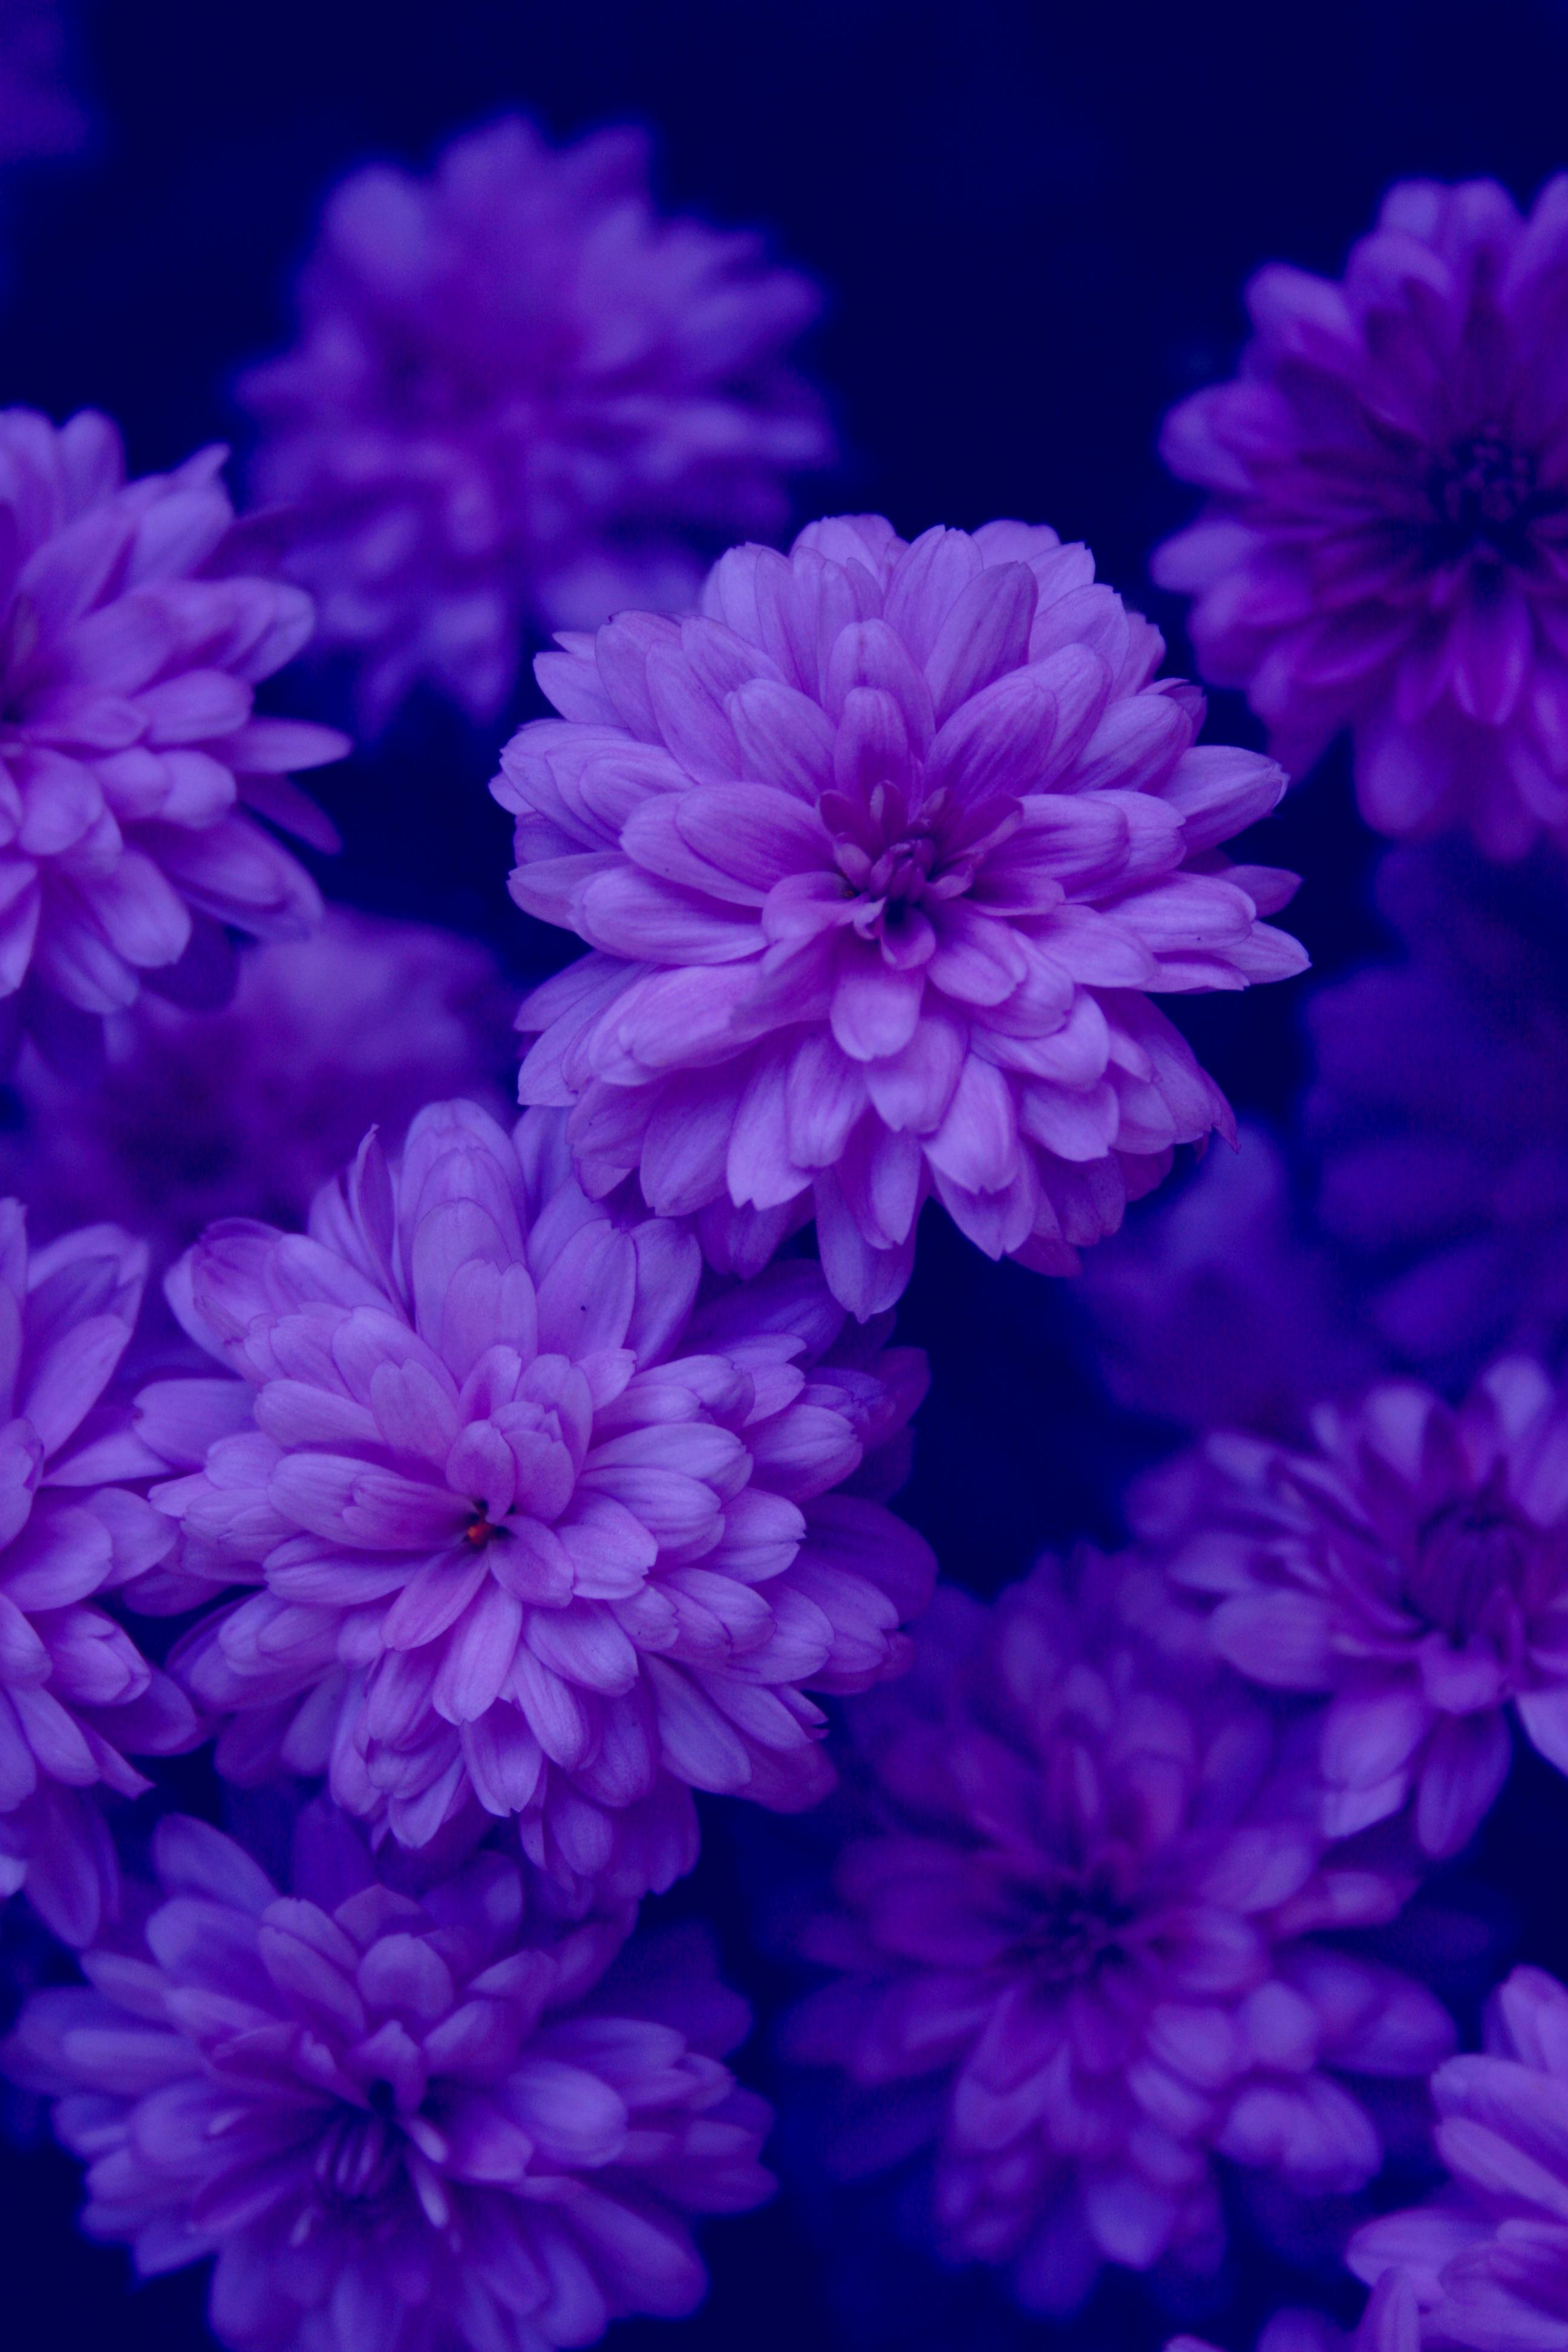 filemidnights garden indigo purple blue flowers free